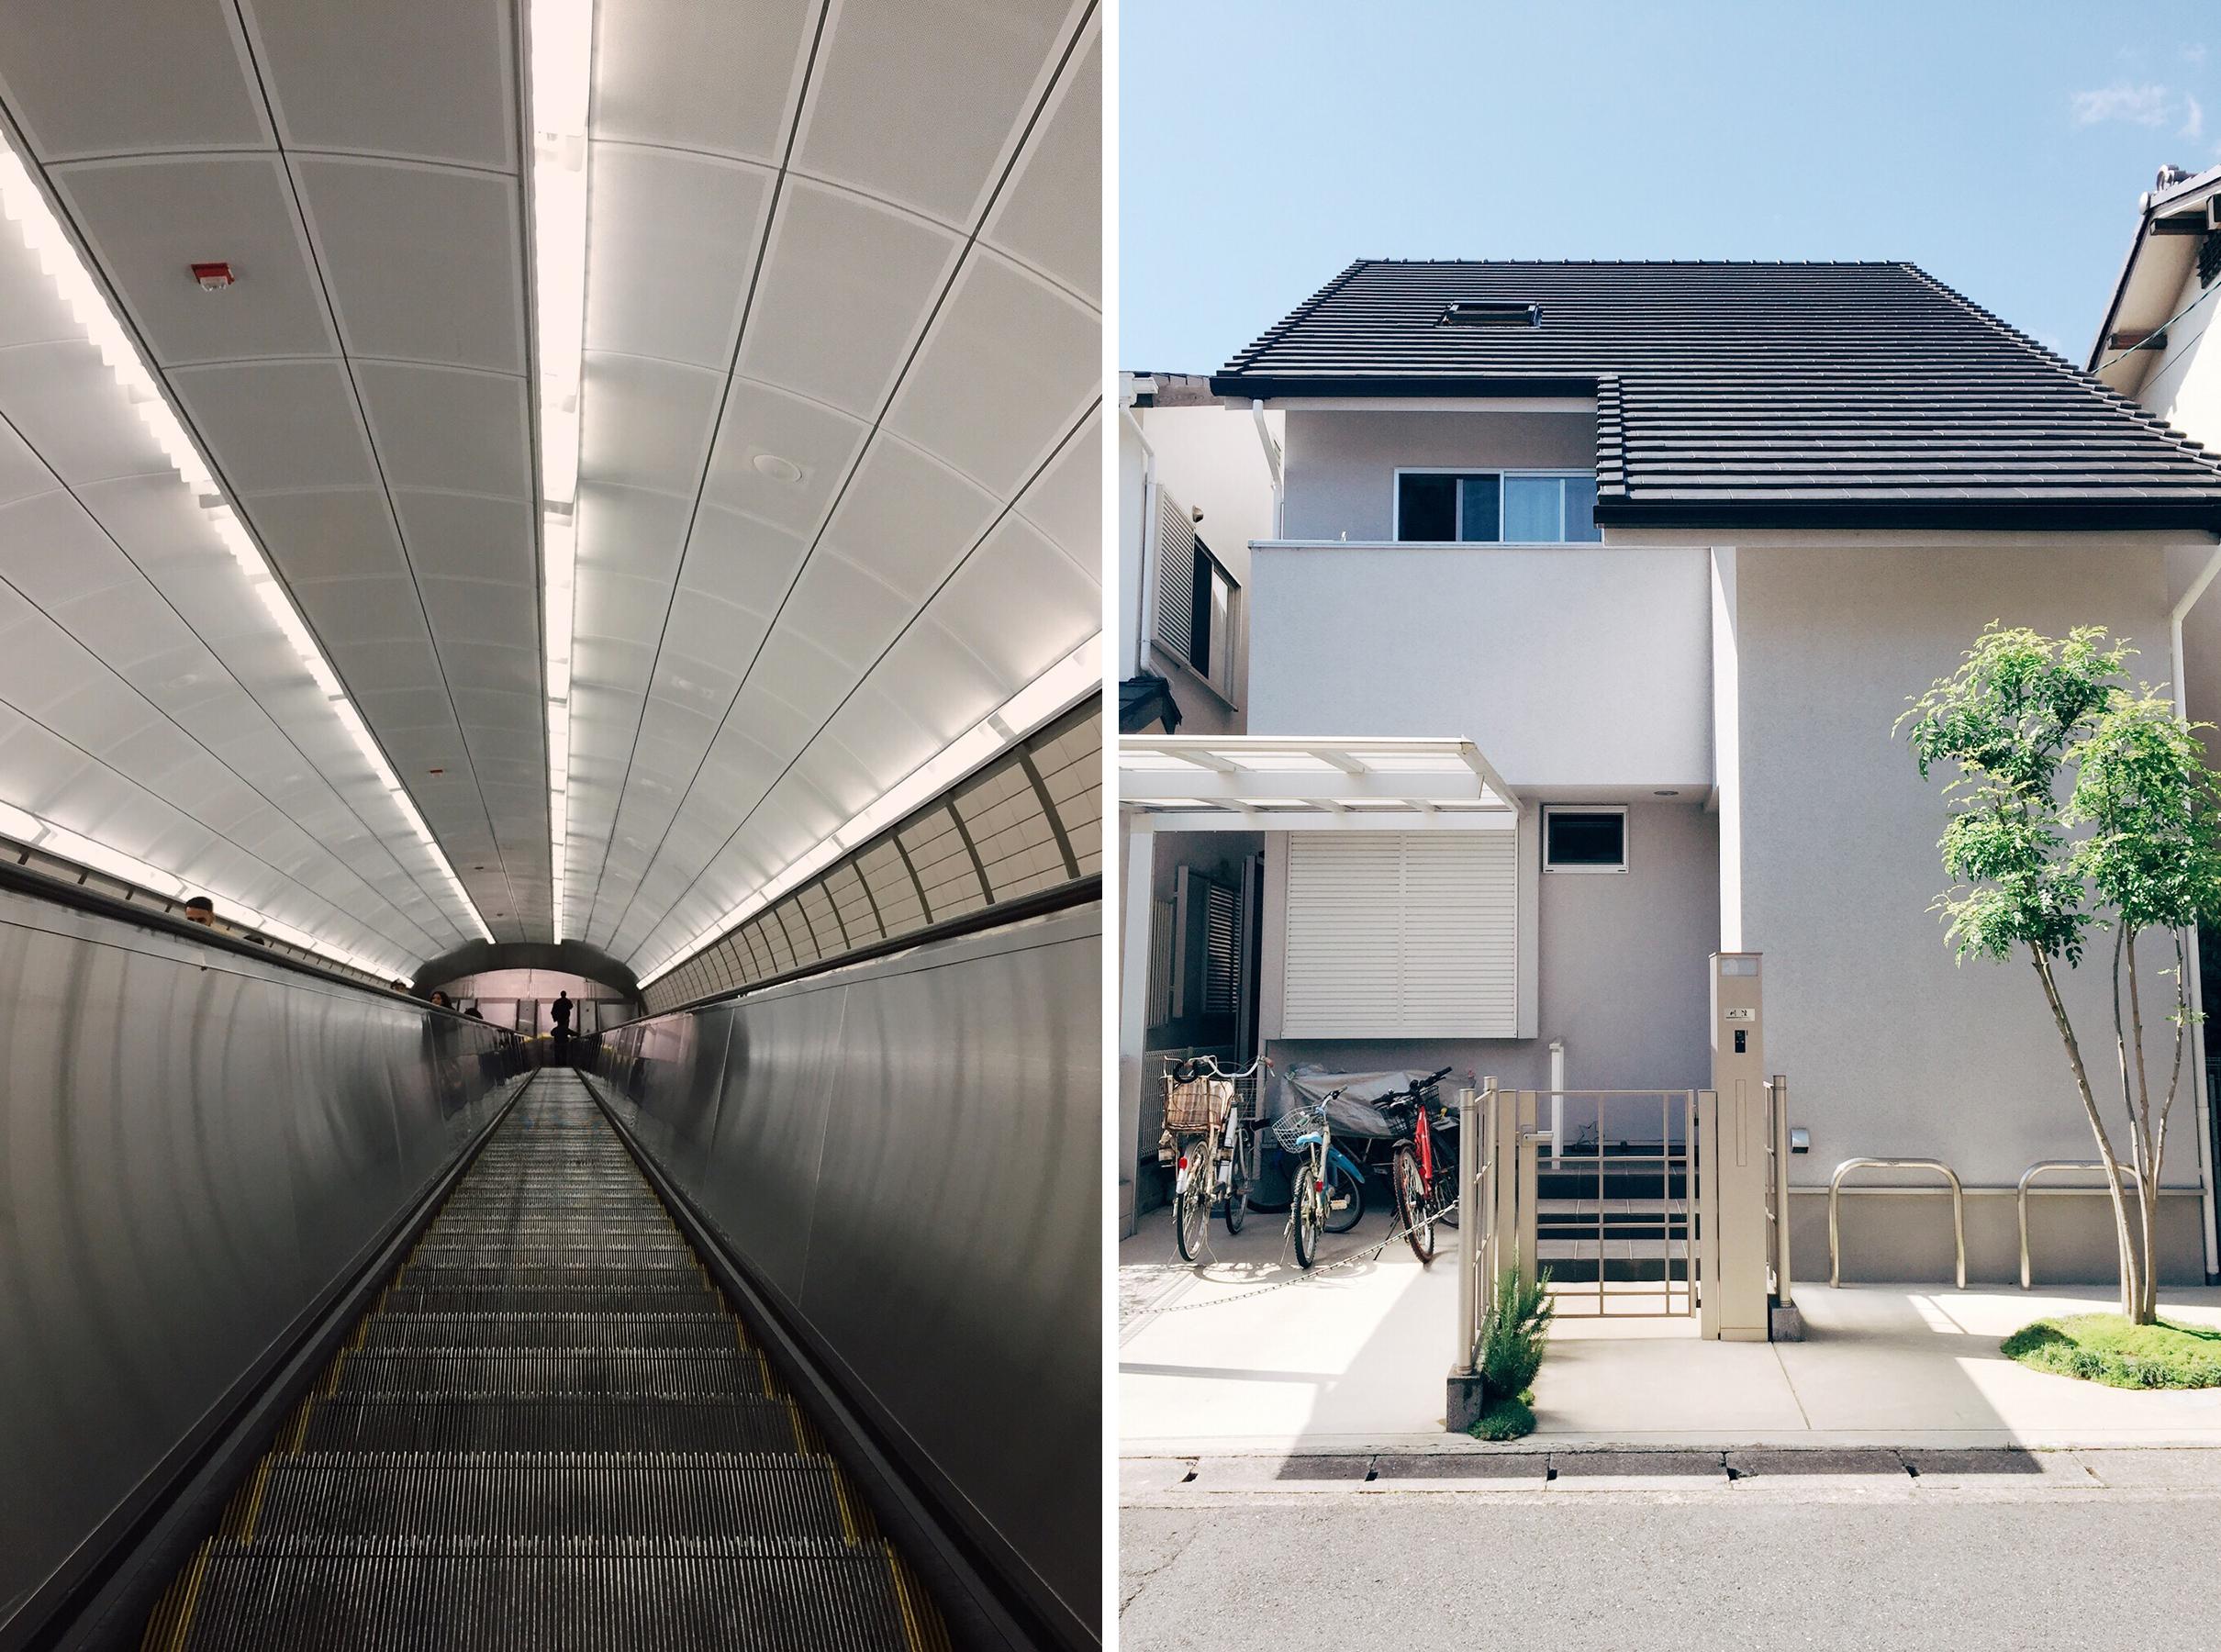 34th Street - Hudson Yards, New York // Osaka, Japan